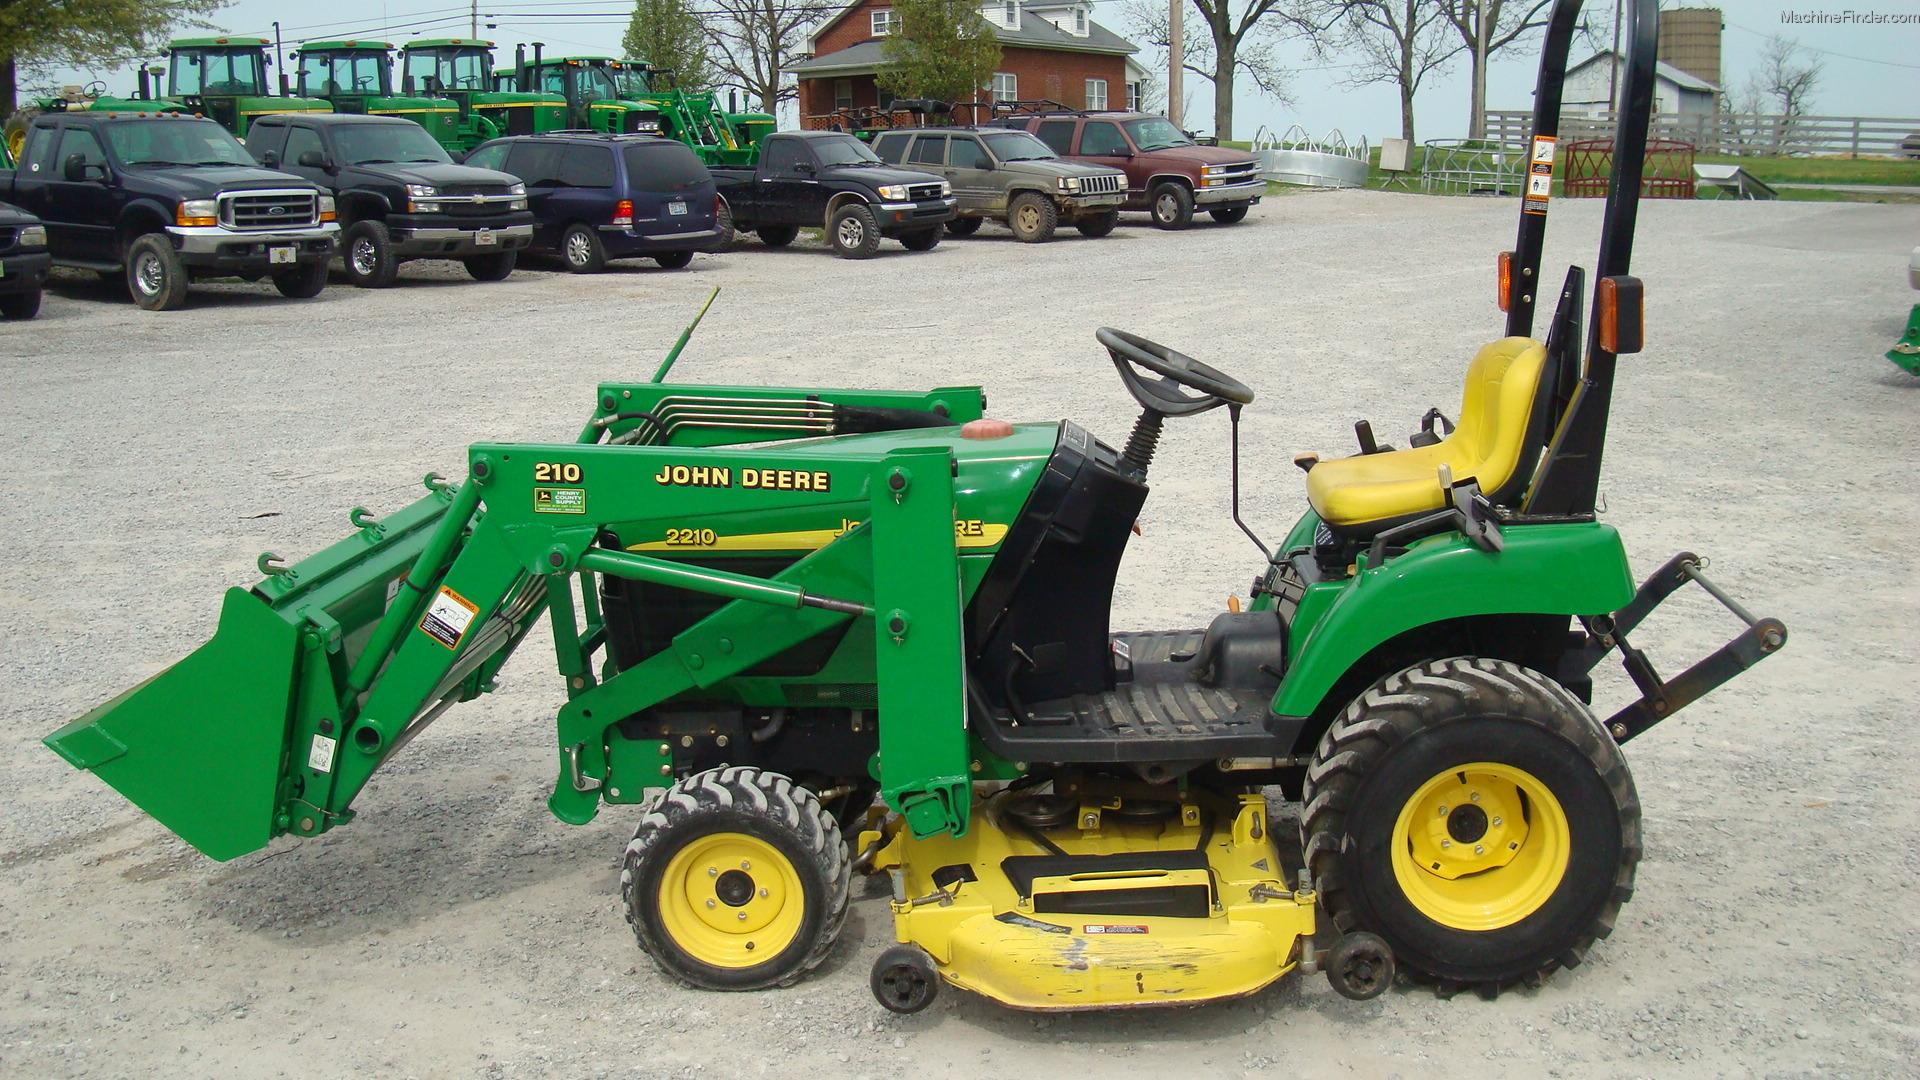 2004 john deere 2210 tractors - compact (1-40hp ) - john deere